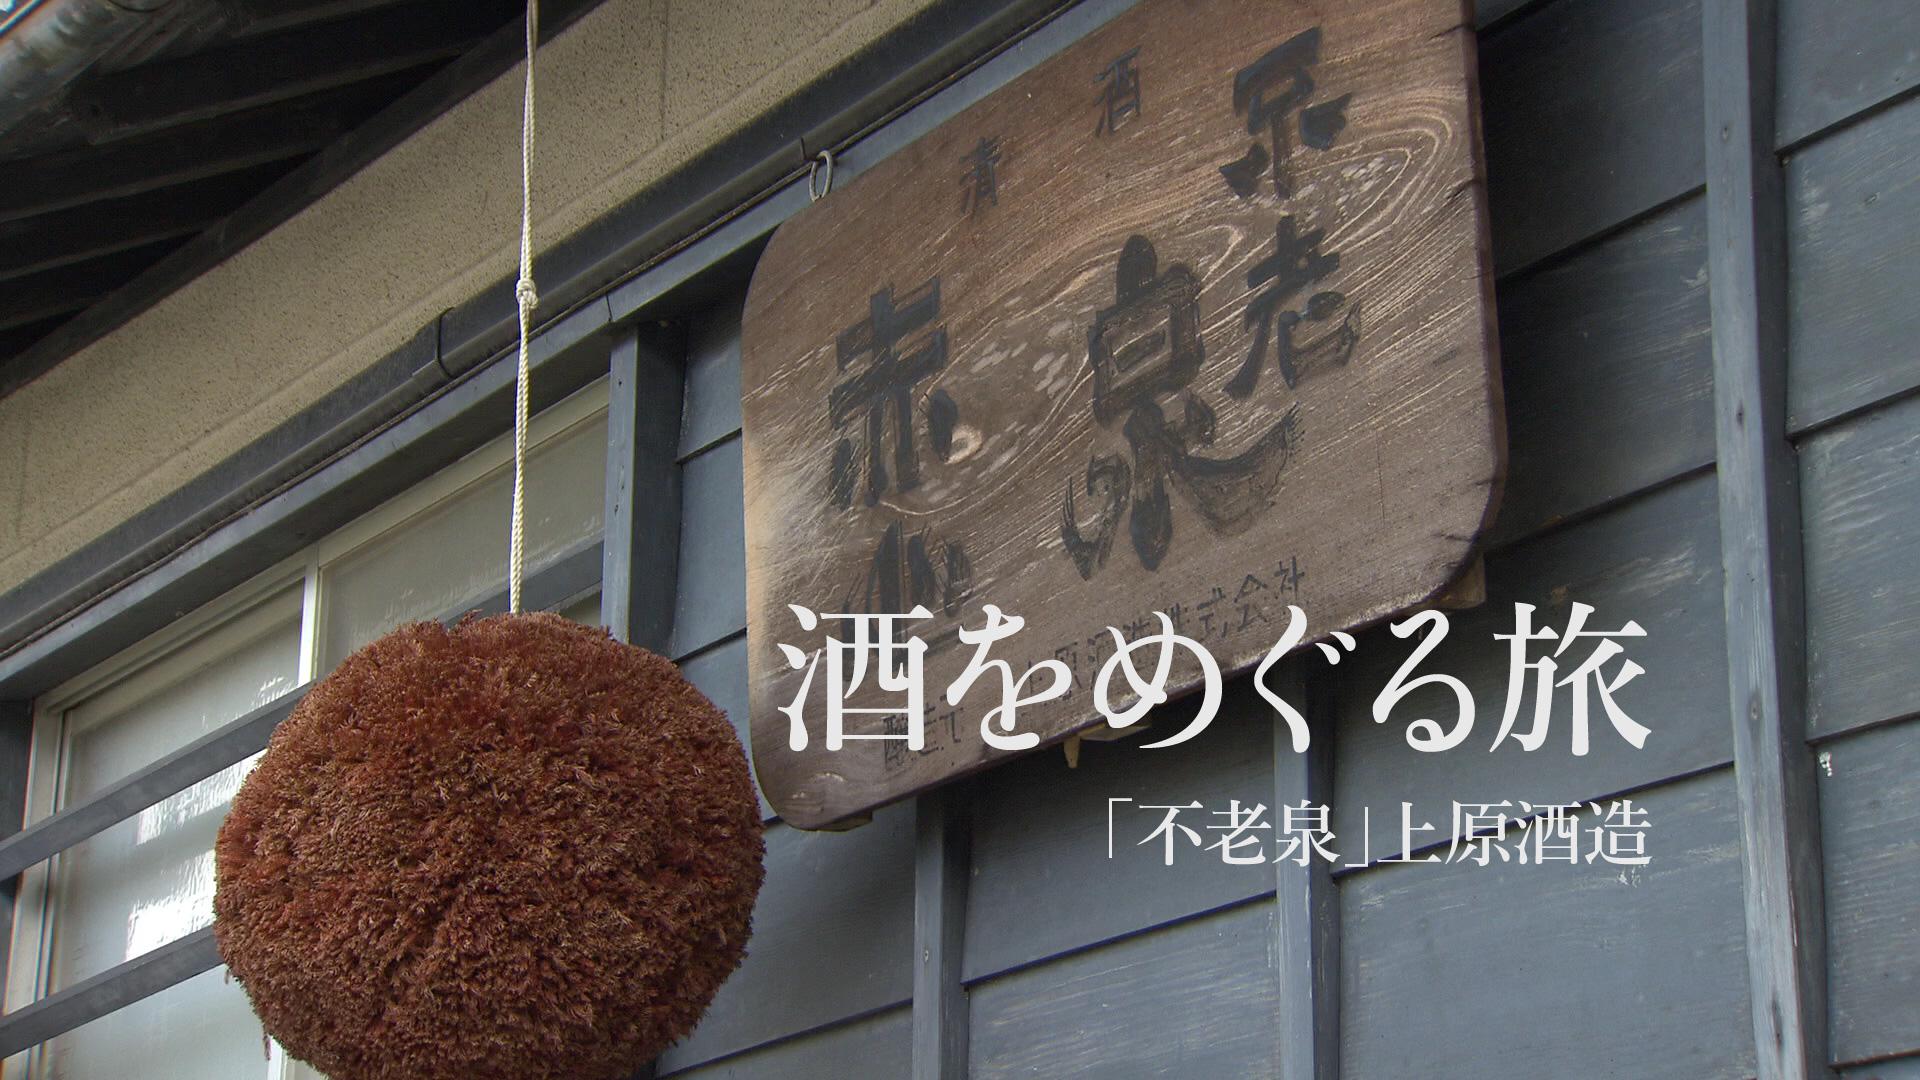 [動画] 酒をめぐる旅 #1 「不老泉」上原酒造